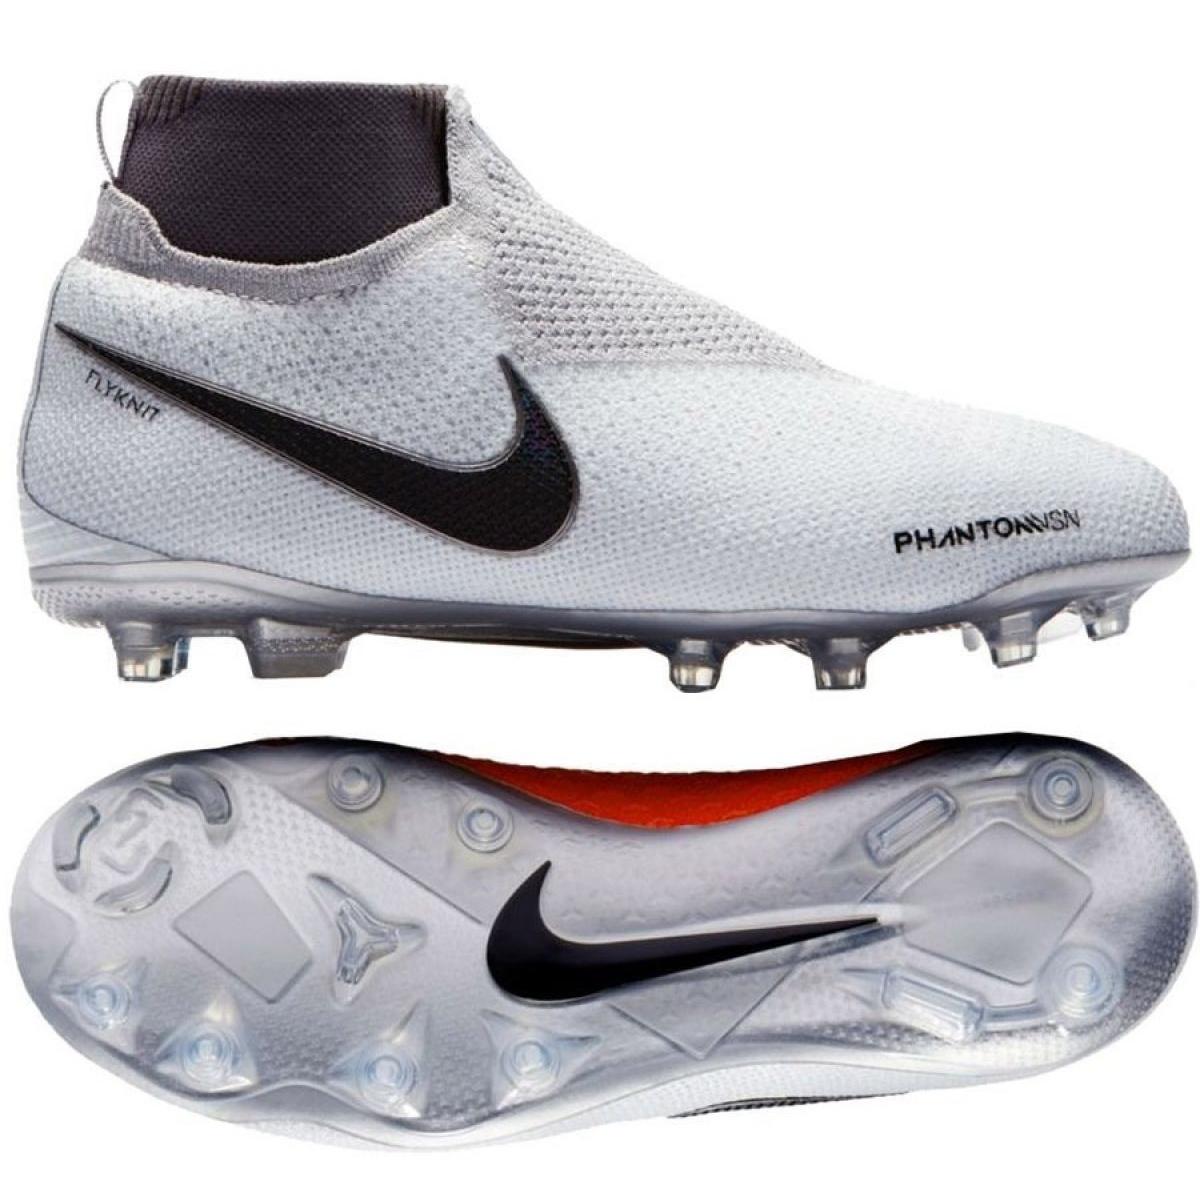 Fussballschuhe Nike Phantom Vsn Elite Df Fg Jr Ao3289 060 Weiss Weiss